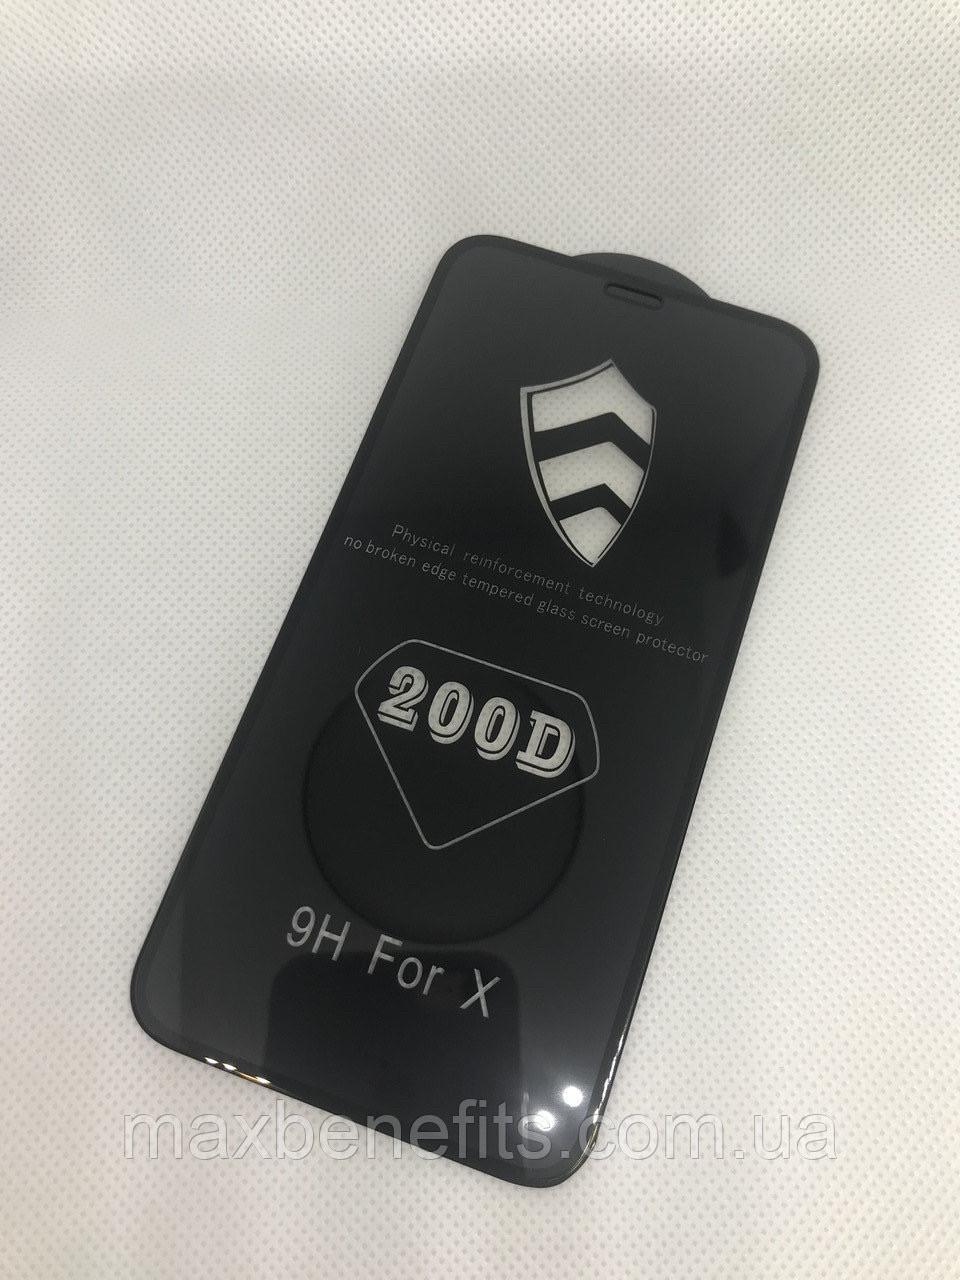 Iphone X Premium защитное 3D 5D 6D 9D стекло Премиум Full Glue полное покрытие (черная окантовка) полный к